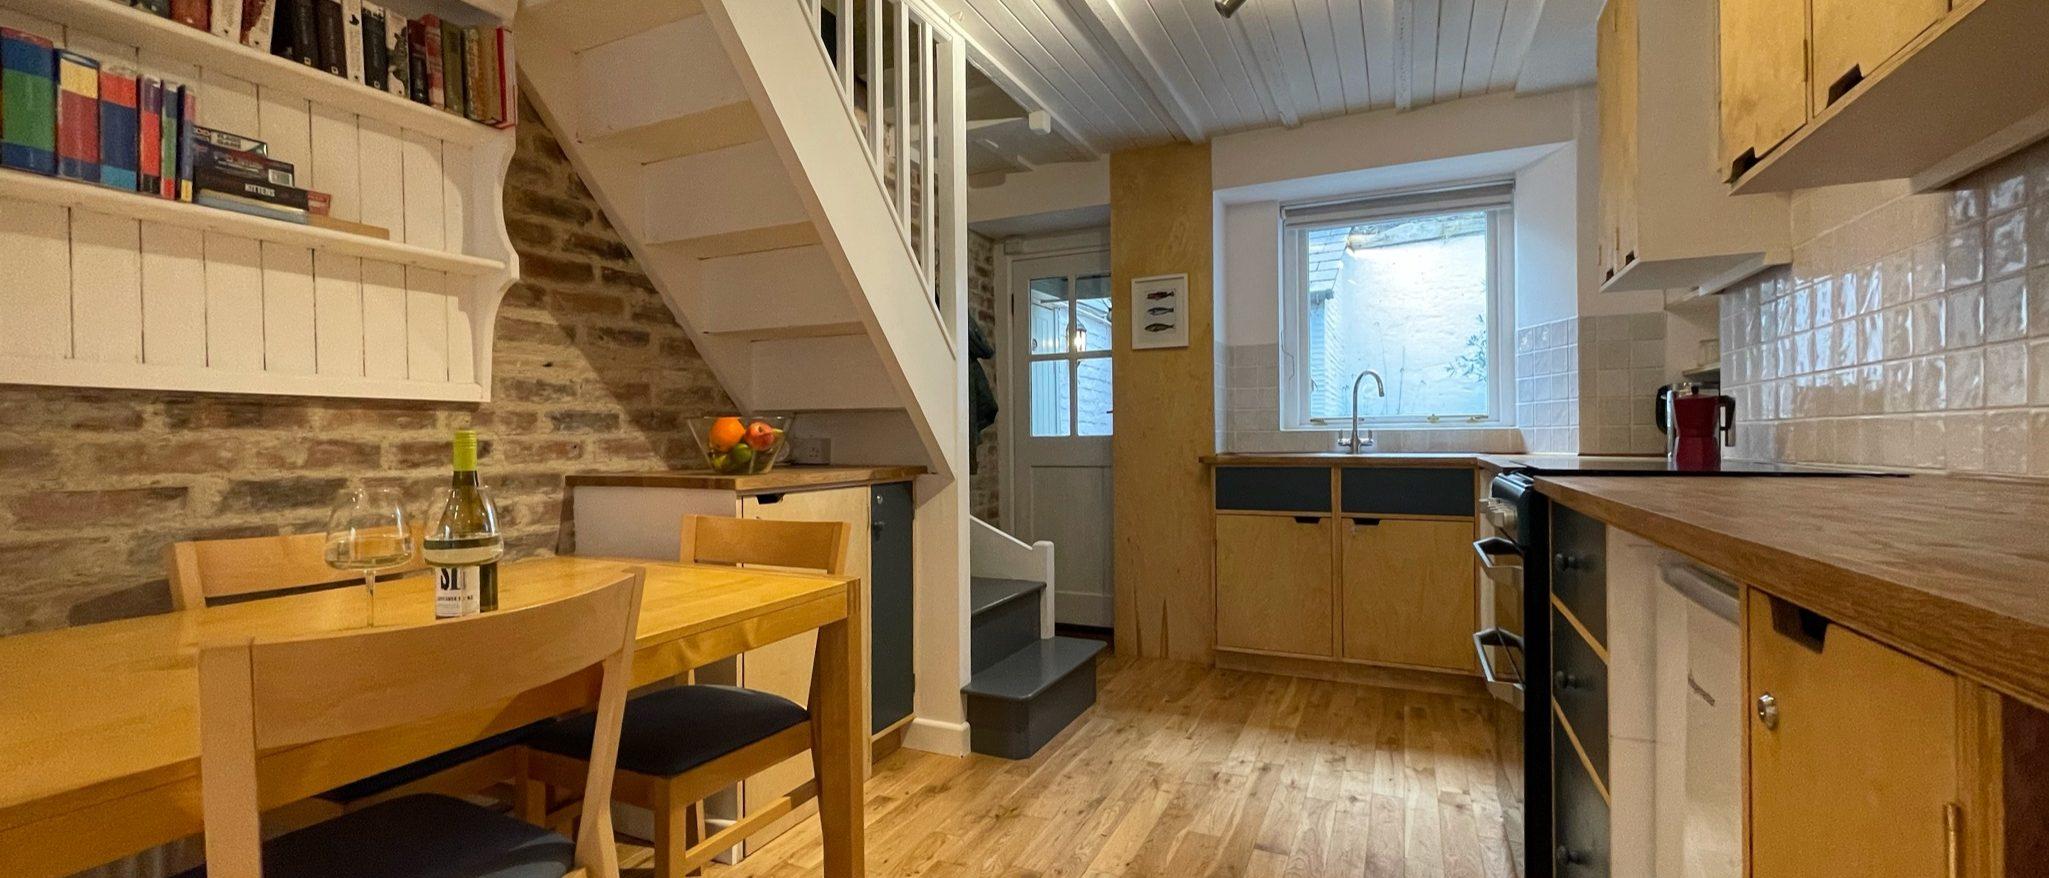 Looe View Cottage Kitchen